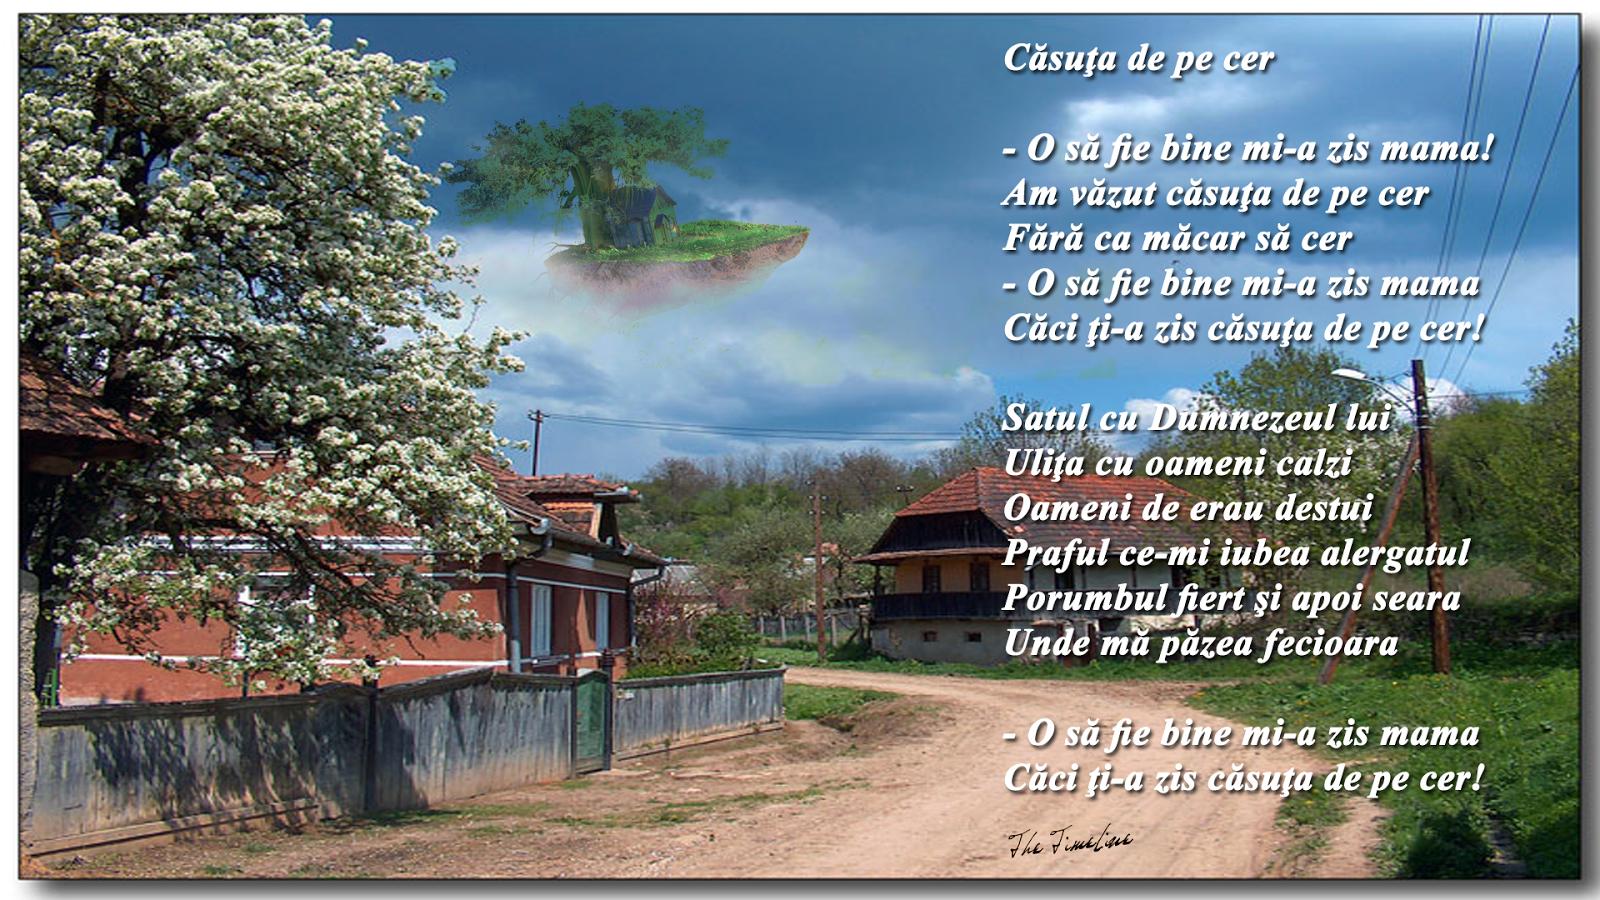 casuta de pe cer rai bine mama satul ulita Dumnezeu Credinta Ingeri Maria Teodorescu Bahnareanu Wrinkles on my Timeline